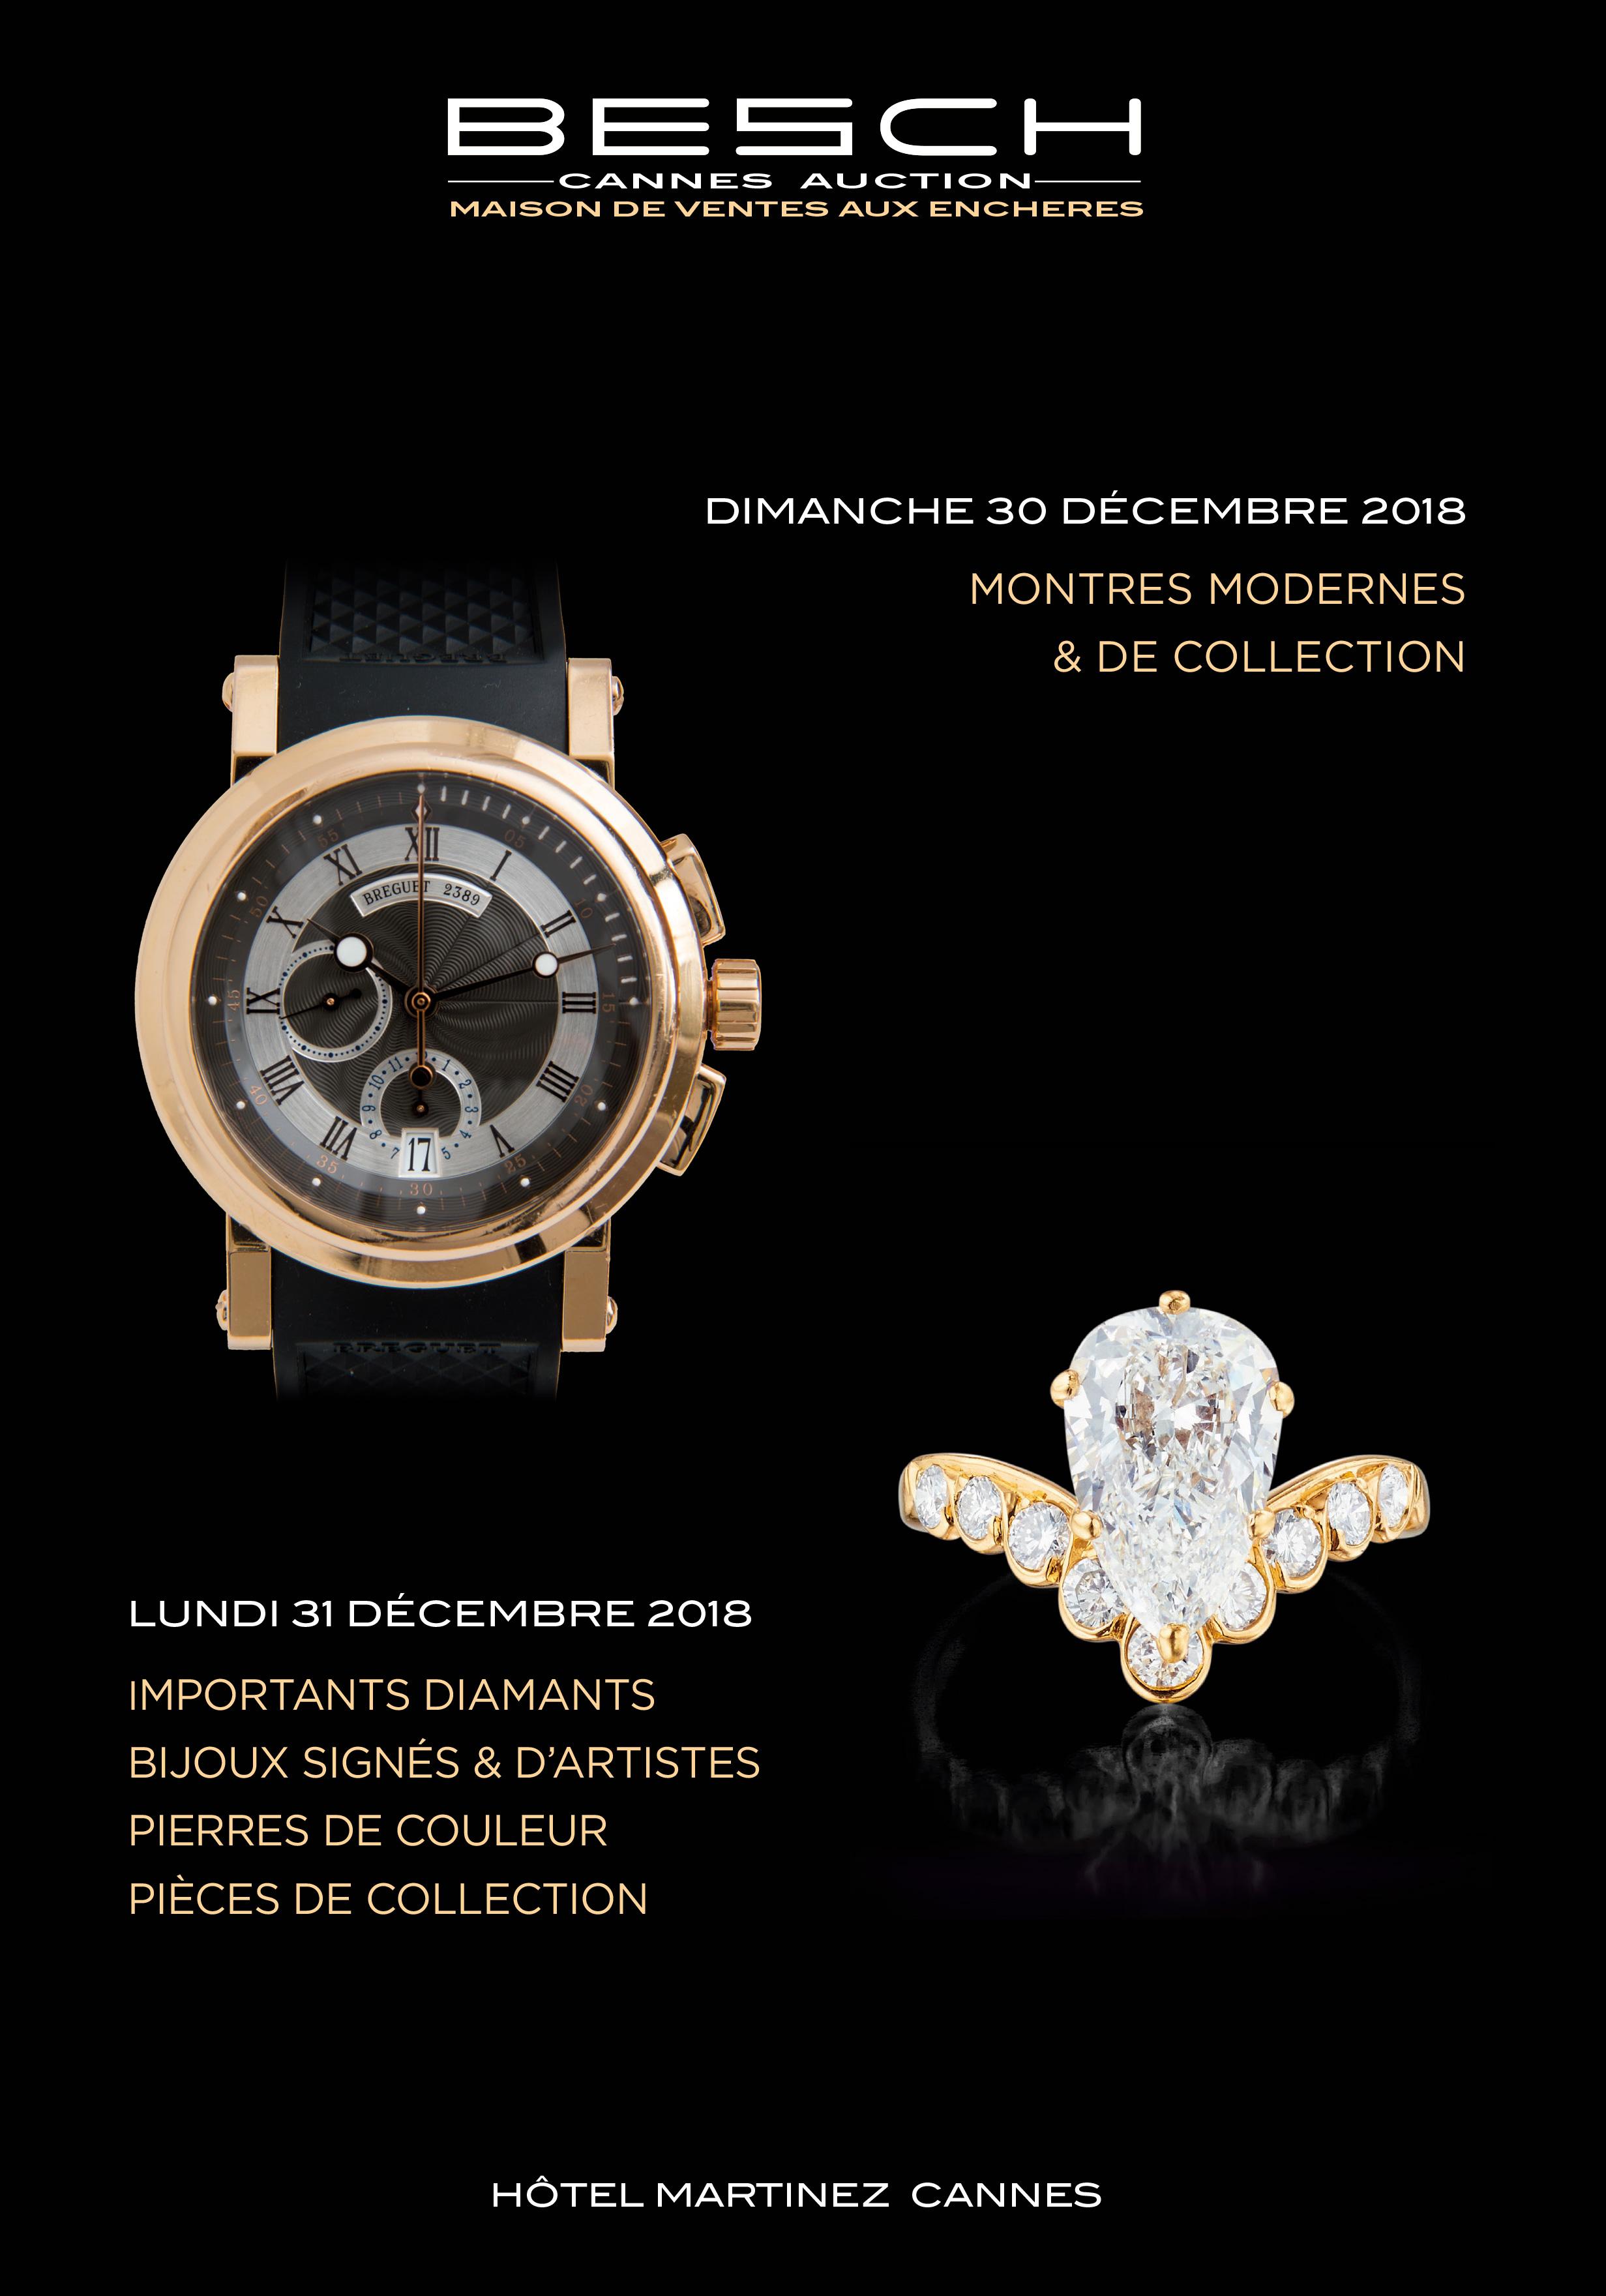 Vente Importants Diamants, Bijoux, Pierres de couleur, Pièces de Collection chez Besch Cannes Auction : 360 lots